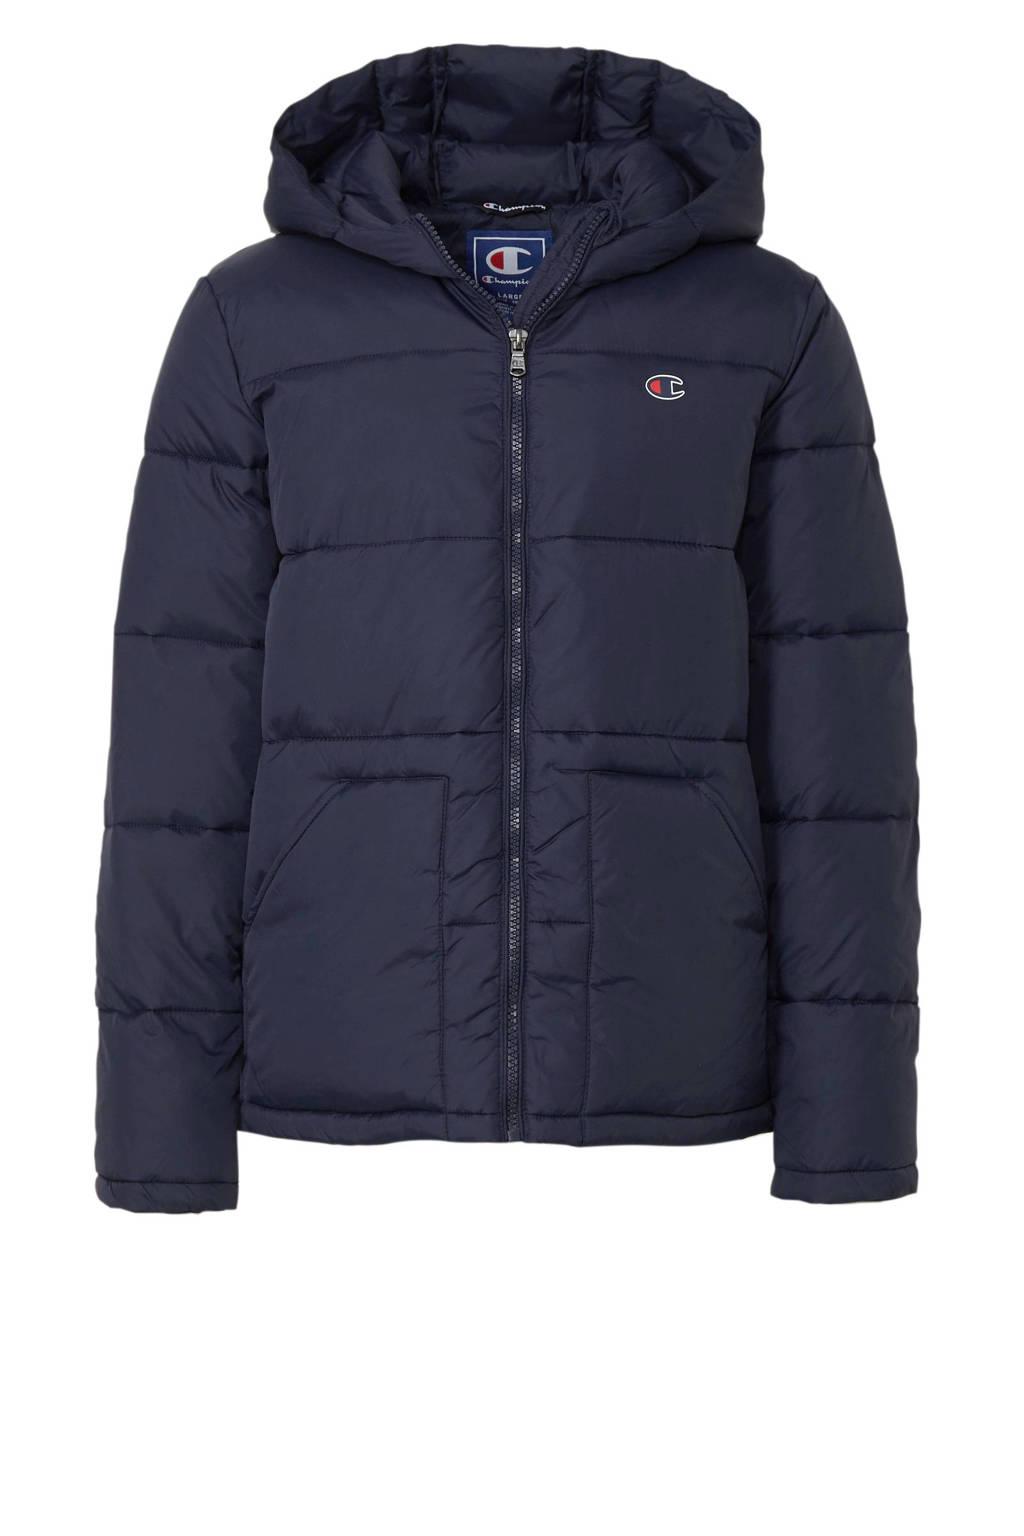 Champion winterjas donkerblauw, Donkerblauw